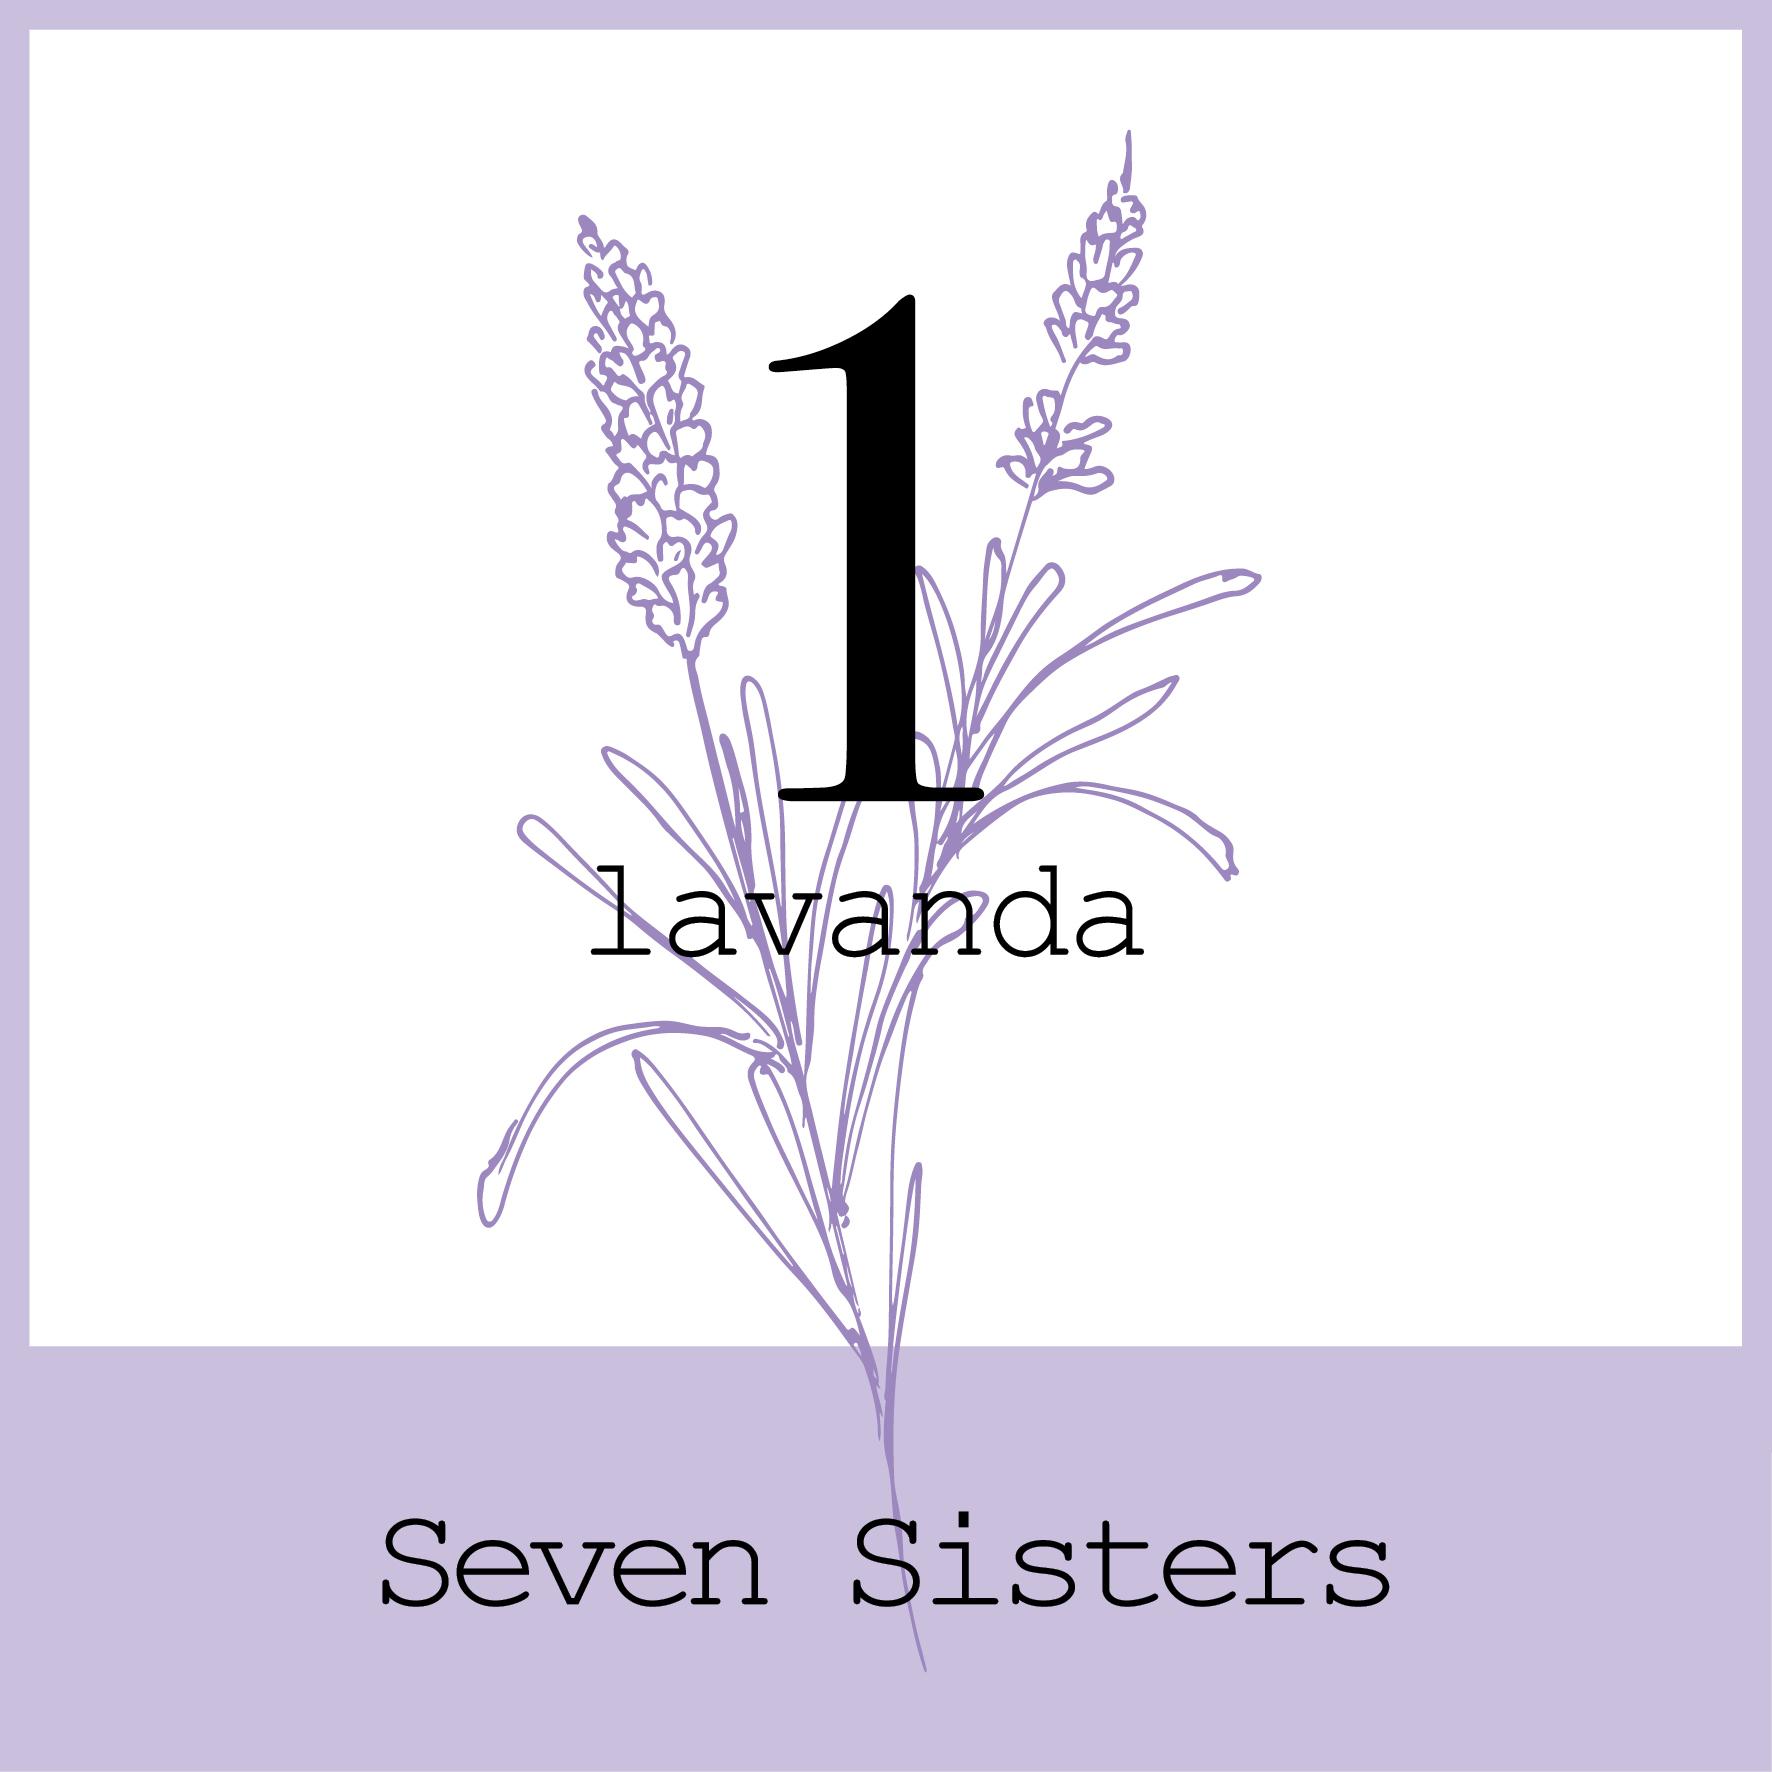 Il primo oleolito spagirico della Linea Seven Sisters. L'oleolito di fiori di Lavanda è indicato per pelli delicate e grasse con tendenza acneica.